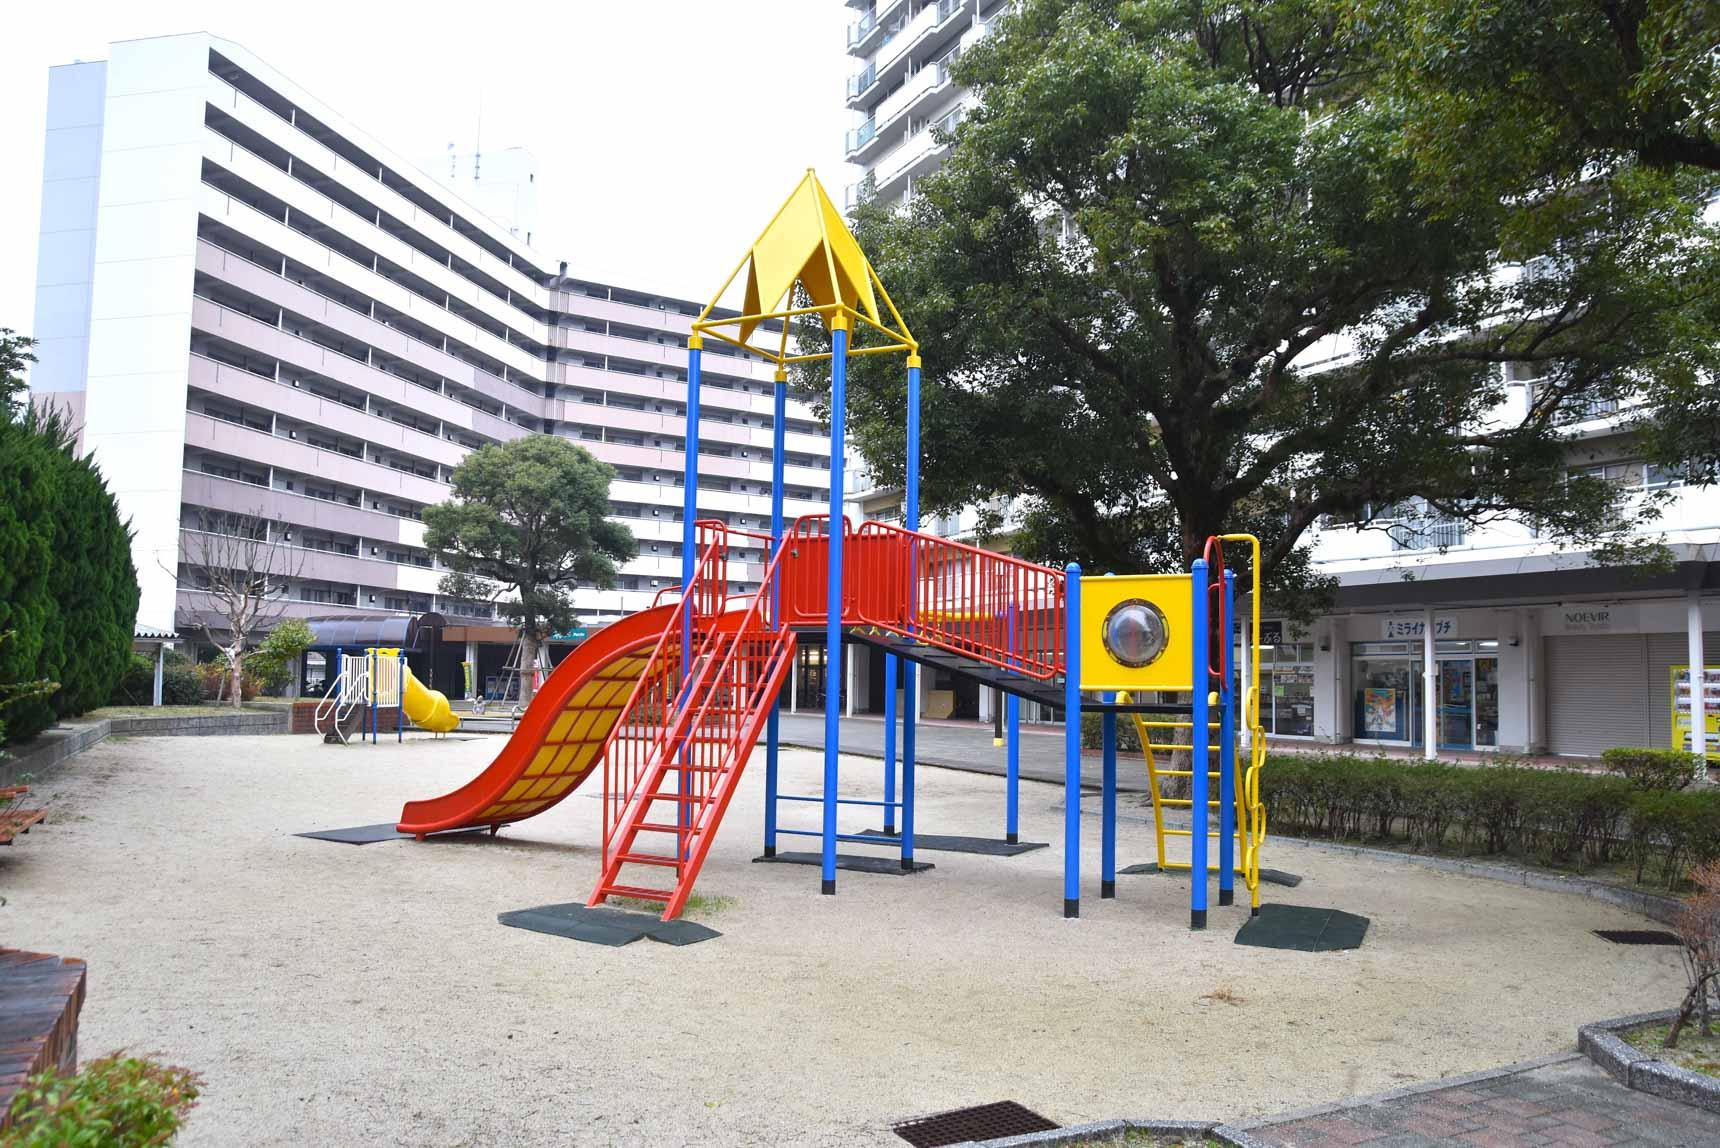 住棟の真ん中には遊具も備えた広場がある四箇田団地。住棟の1階はアーケード商店街で、クリニックや飲食店も入居しています。